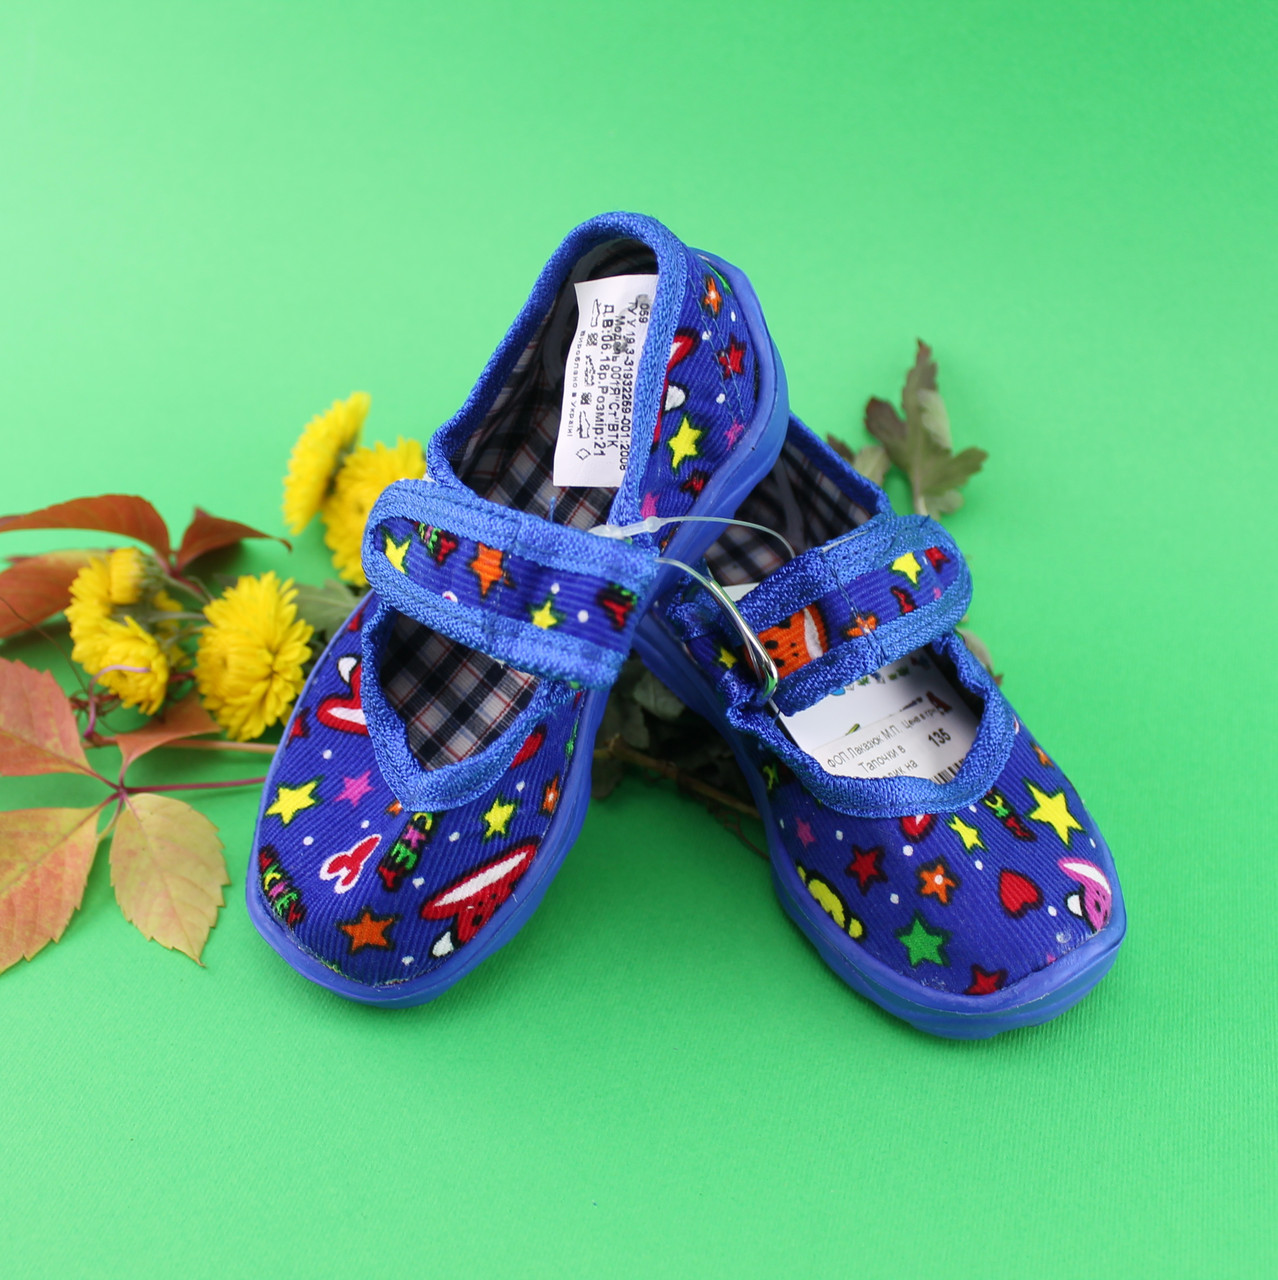 Тапочки детские оптом Виталия Vitaliya Украина размеры 19 по 22,5